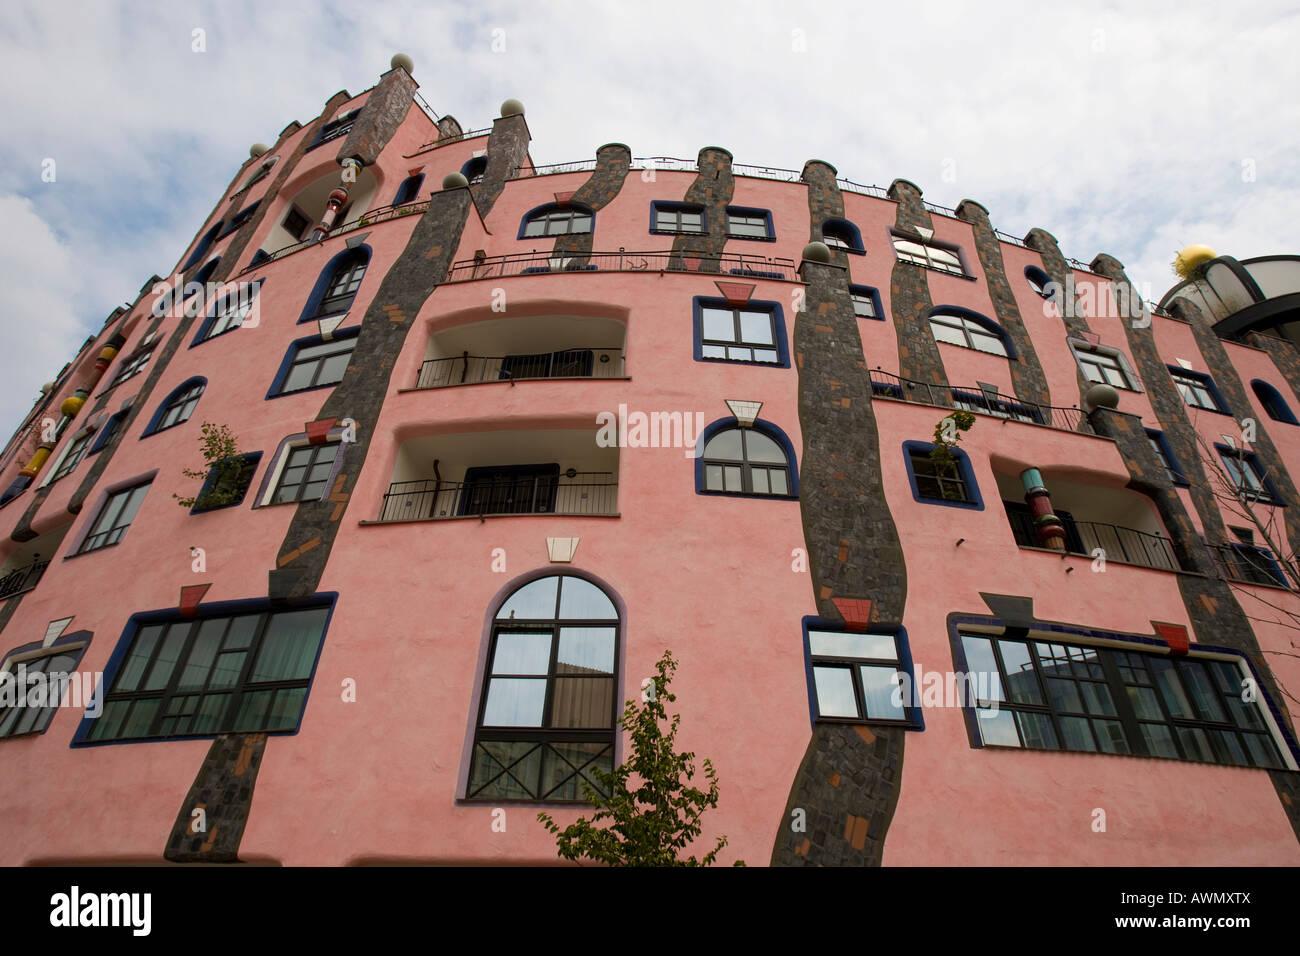 Magdeburg Architektur die grüne zitadelle entworfen vom architekten hundertwasser